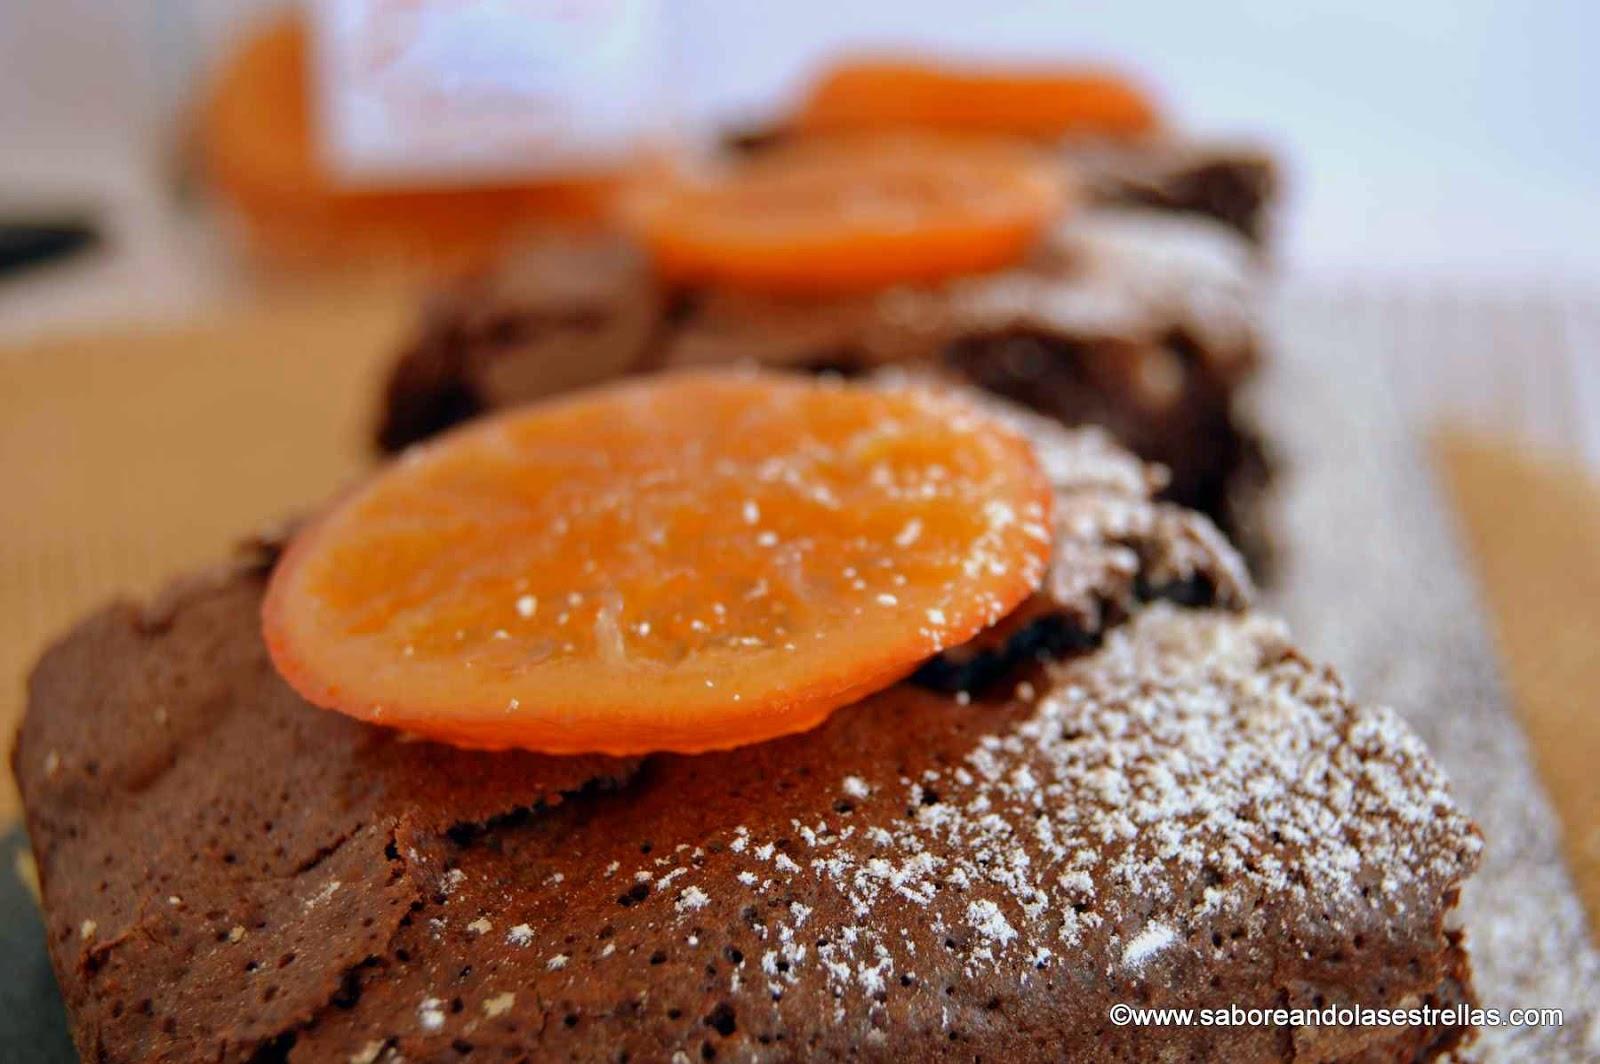 Brownie con nueces y mandarinas confitadas